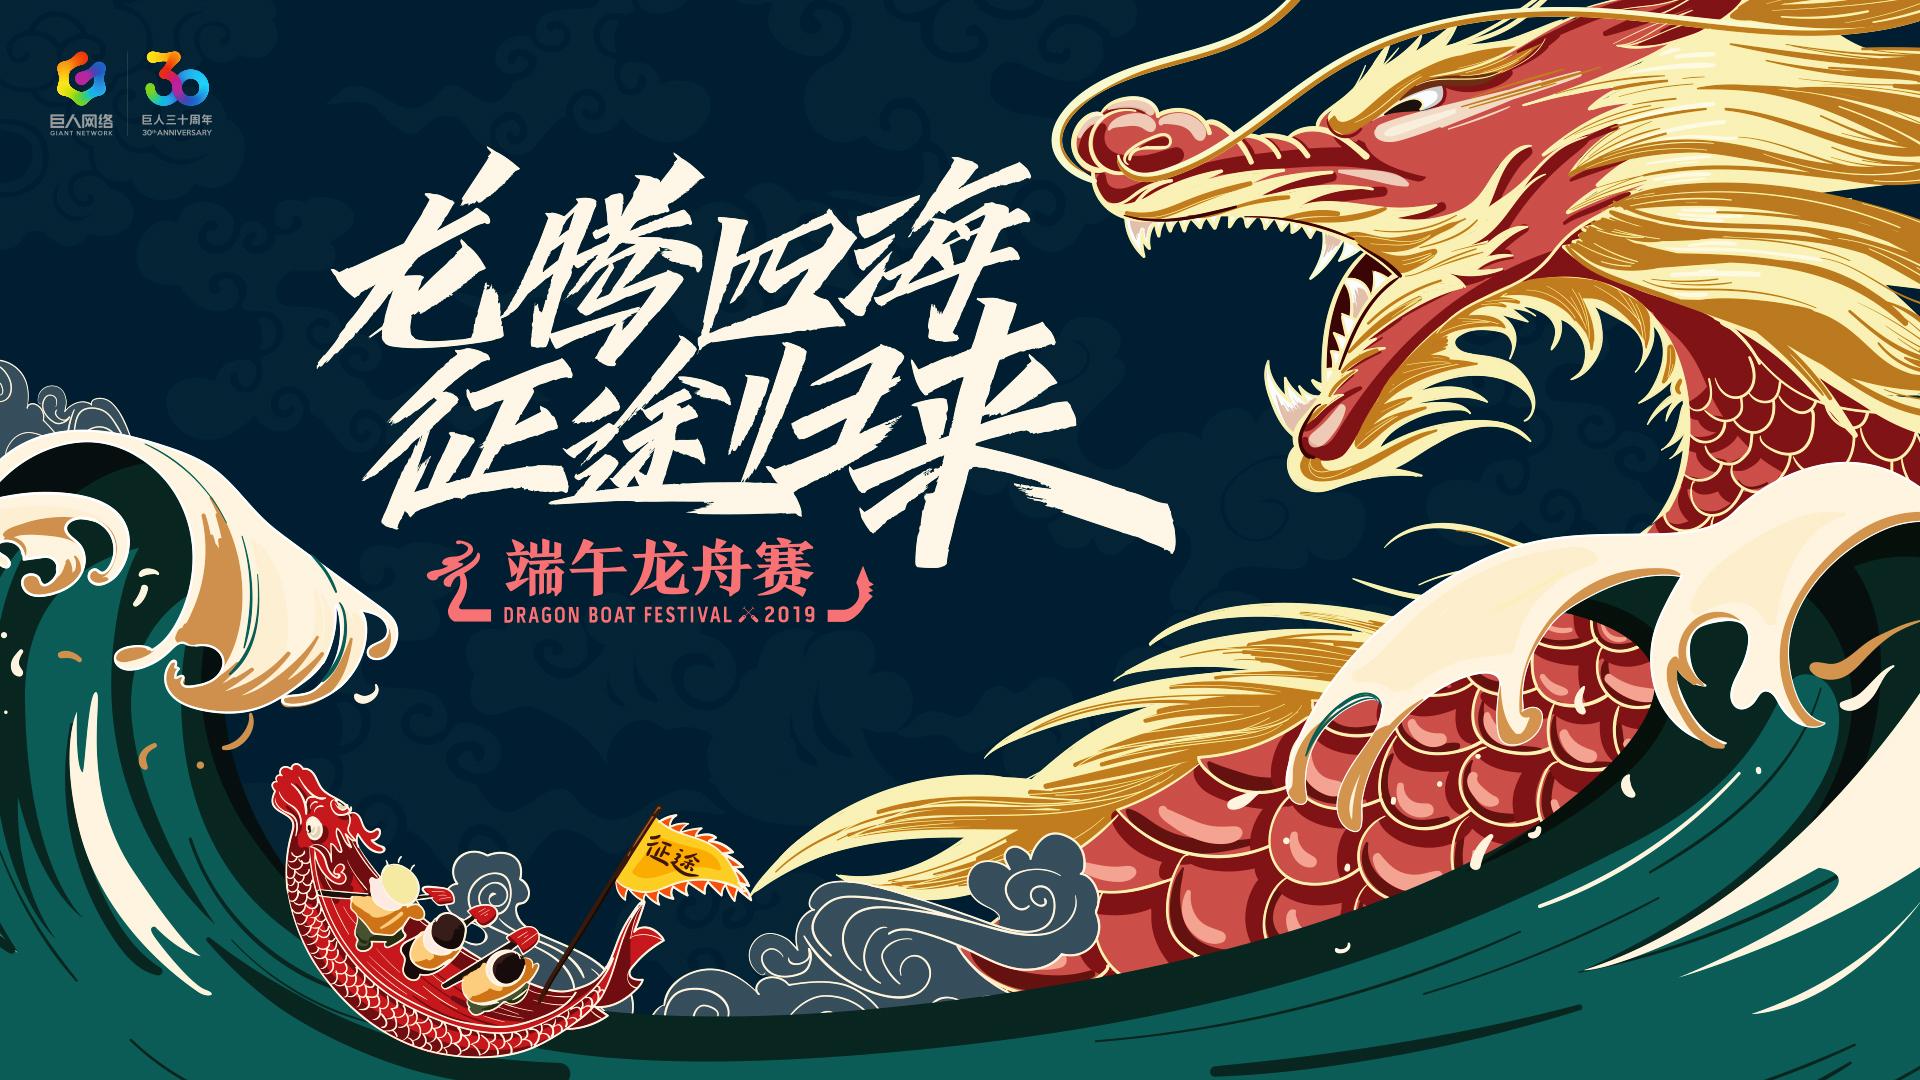 龙腾四海征途归来 征途系列端游龙舟赛今日开赛